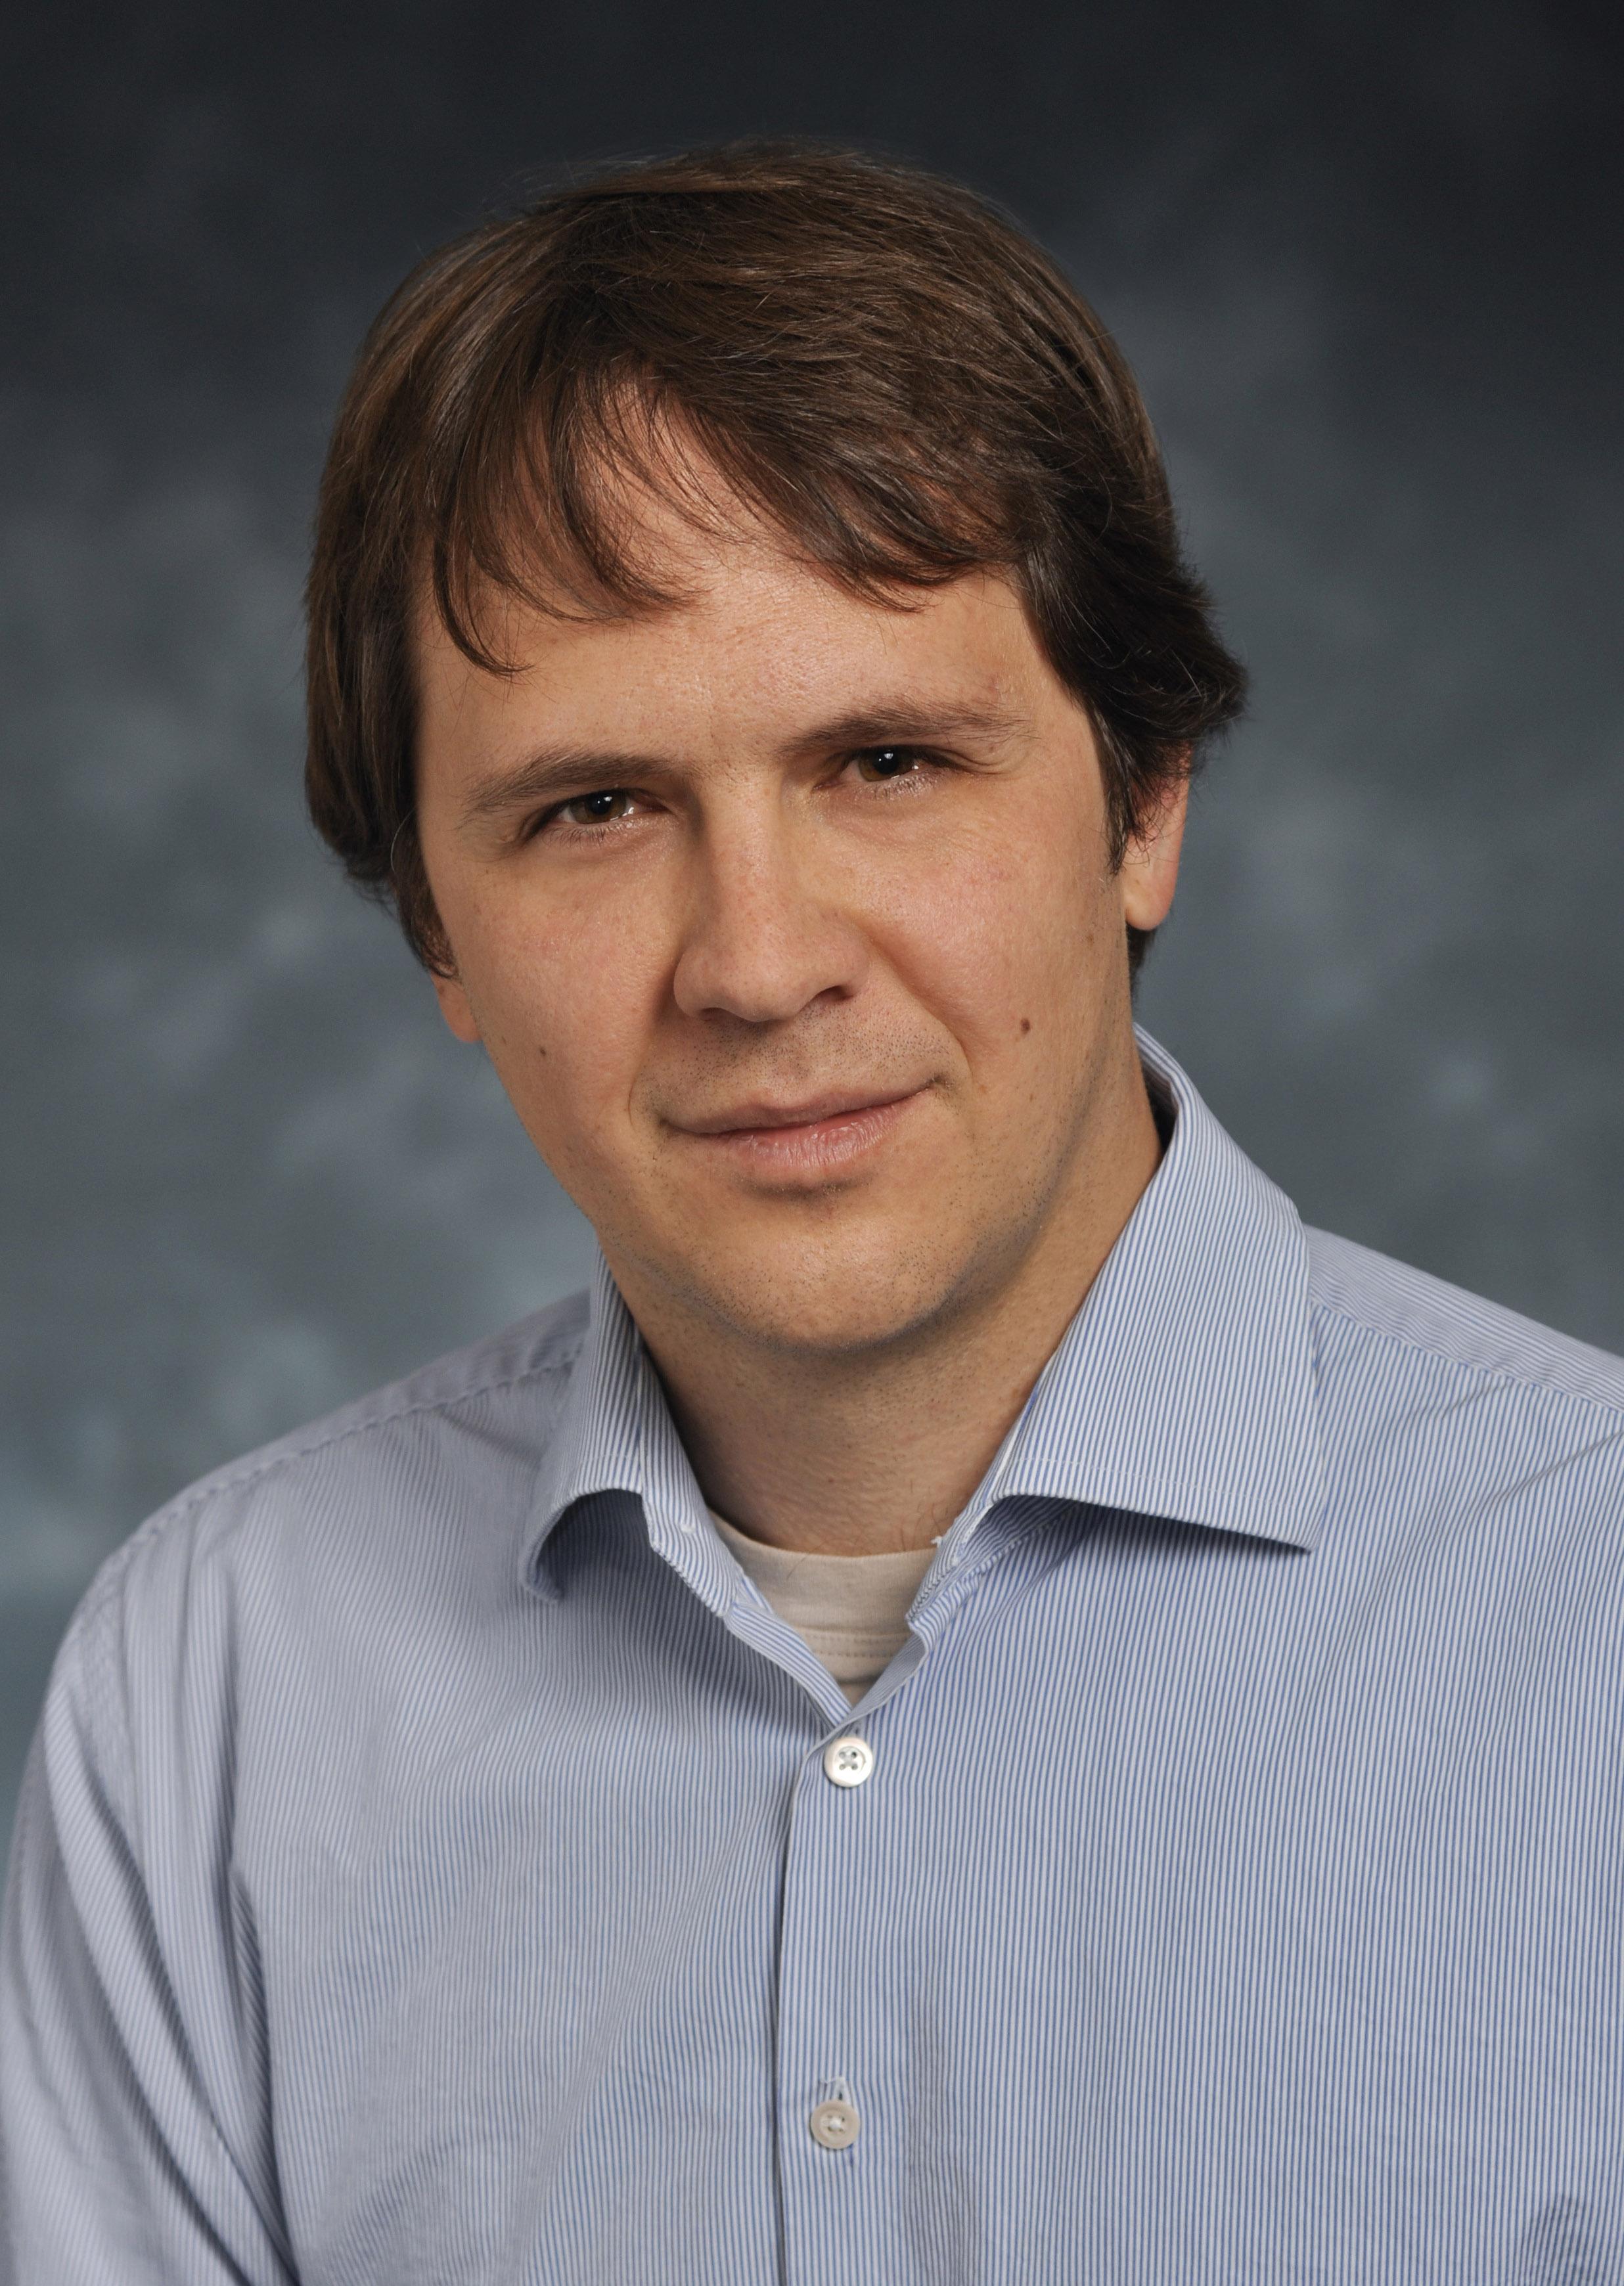 Ivan Damnjanovic